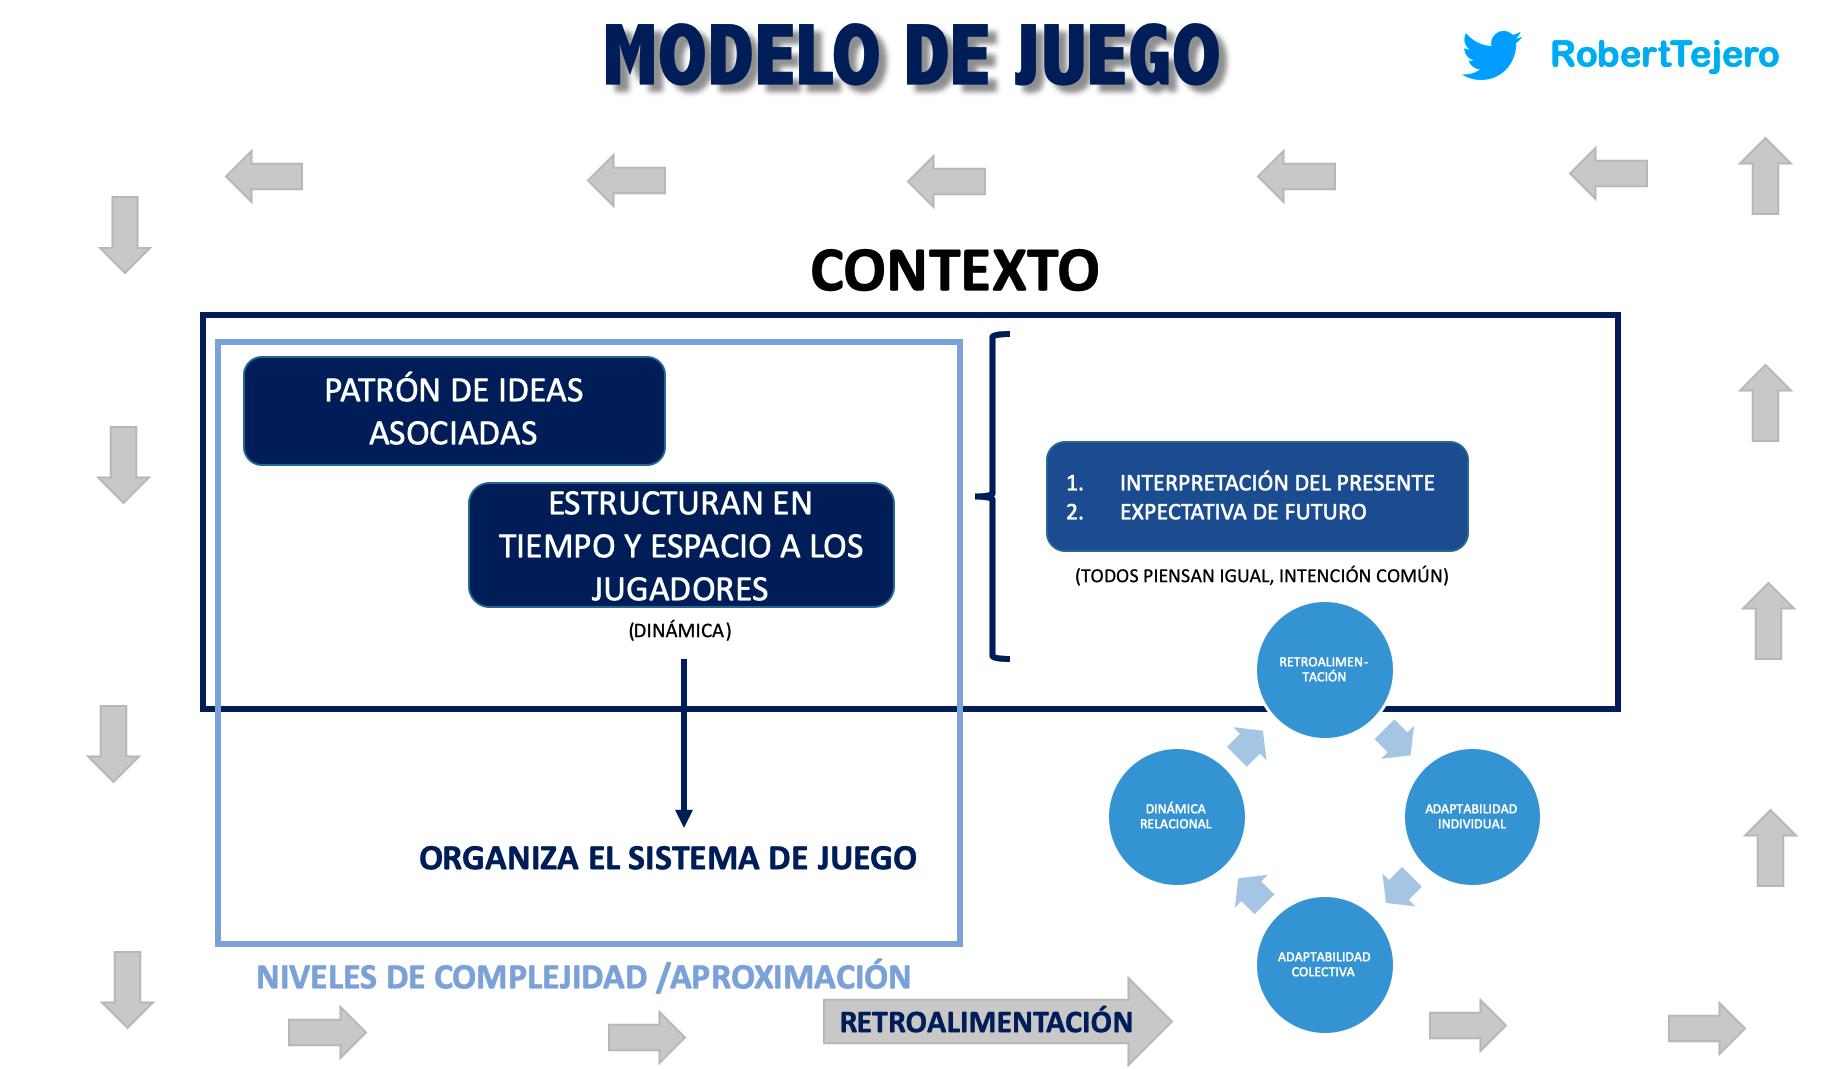 El modelo de juego. El patrón de ideas asociadas.